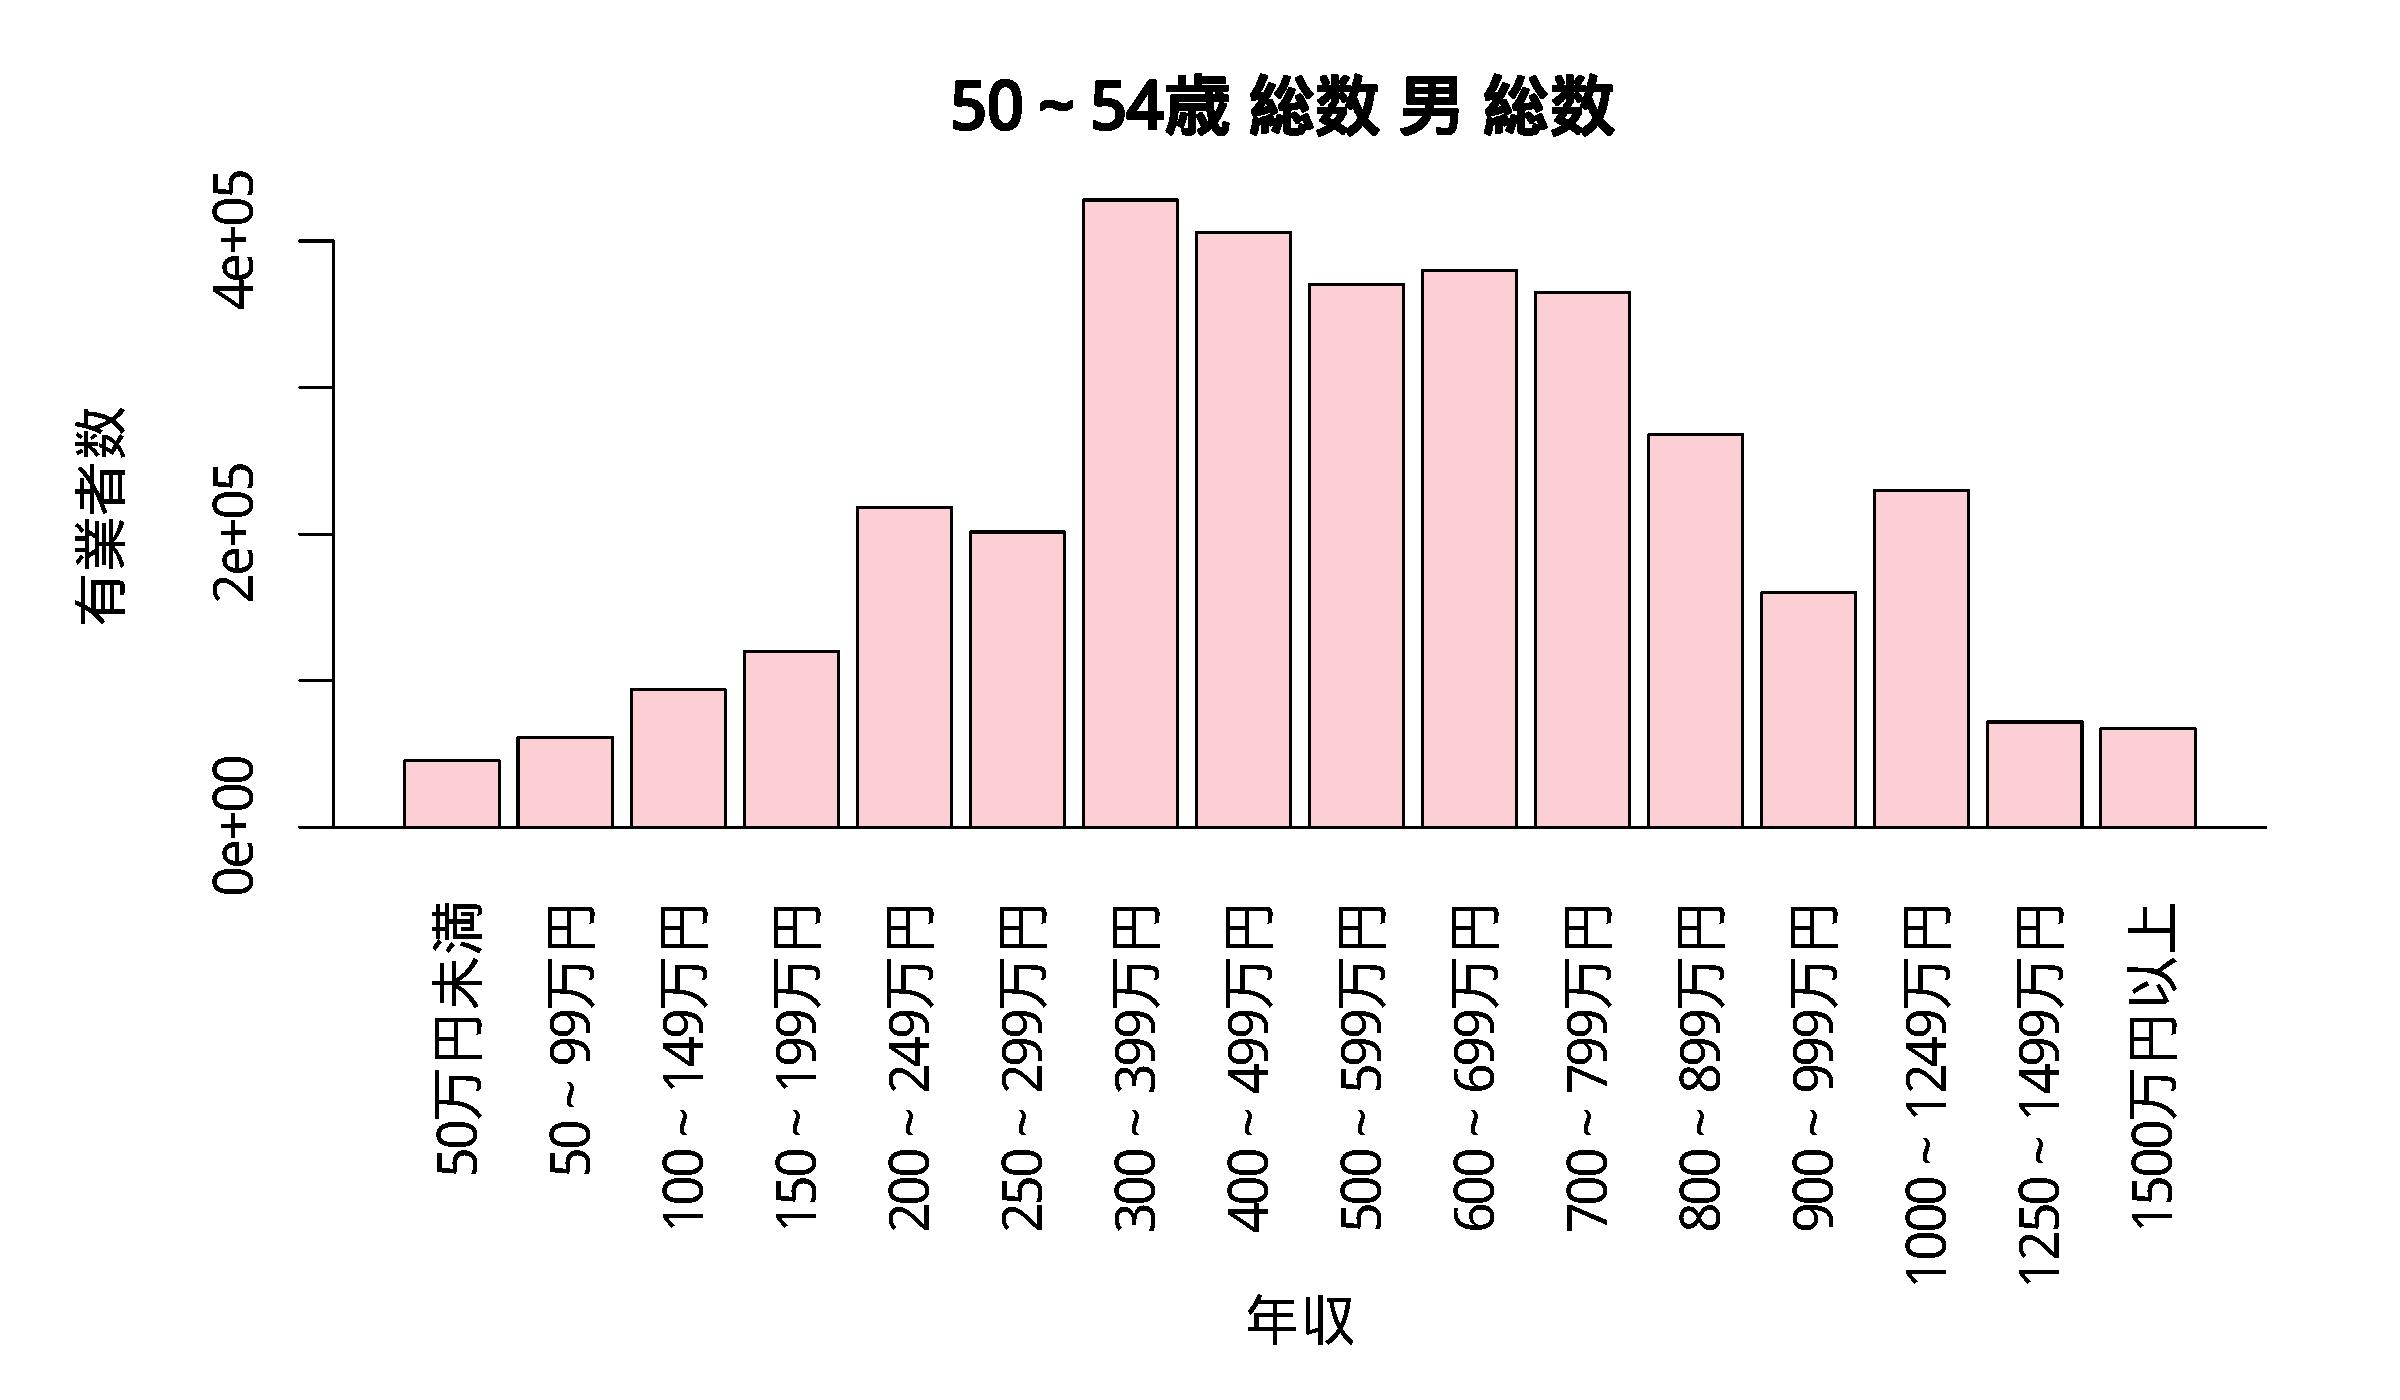 年収分布 50~54歳 総数 男 総数